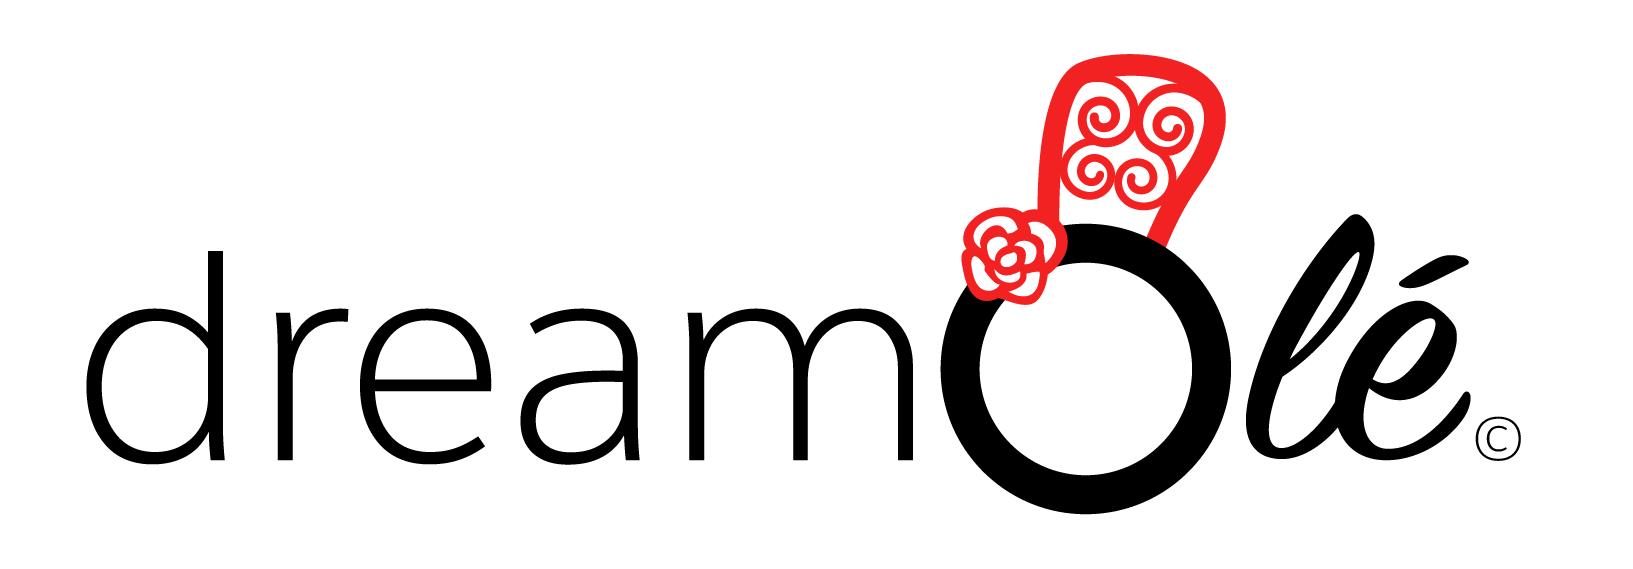 dreamOle-light@4x-1-e1490187839982.png